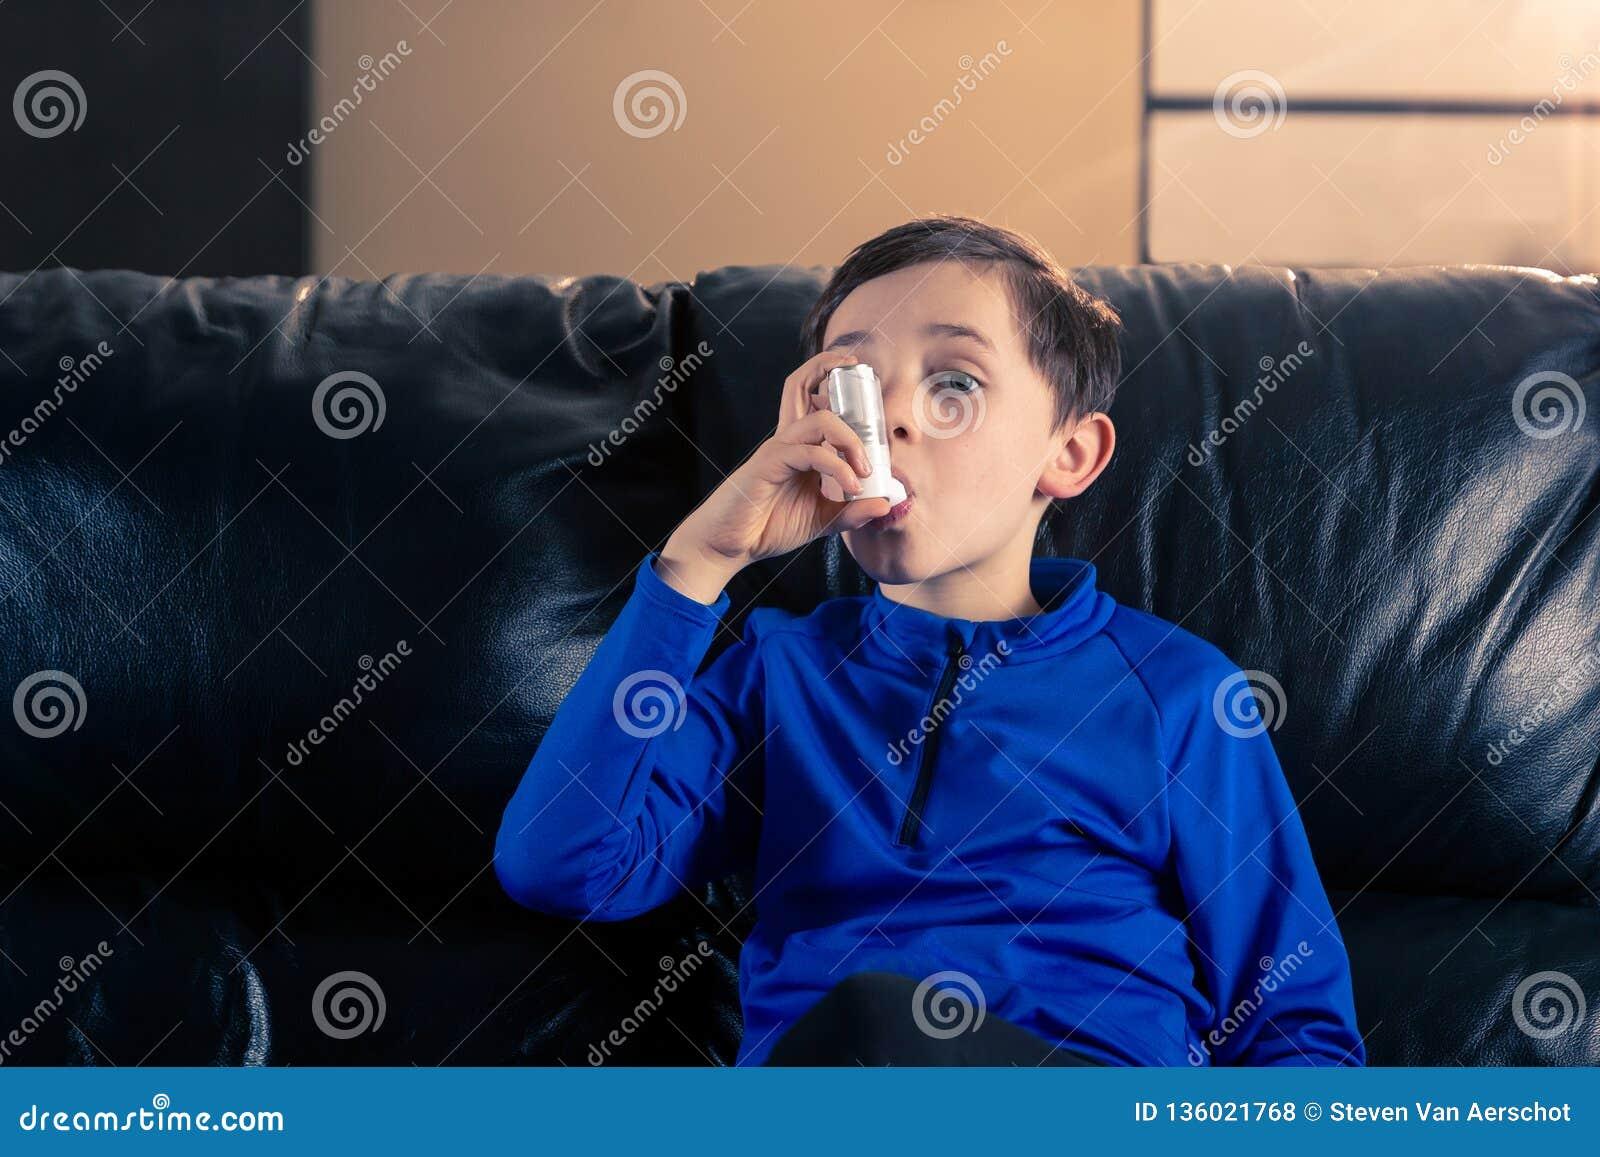 Little boy using an asthma inhaler indoors